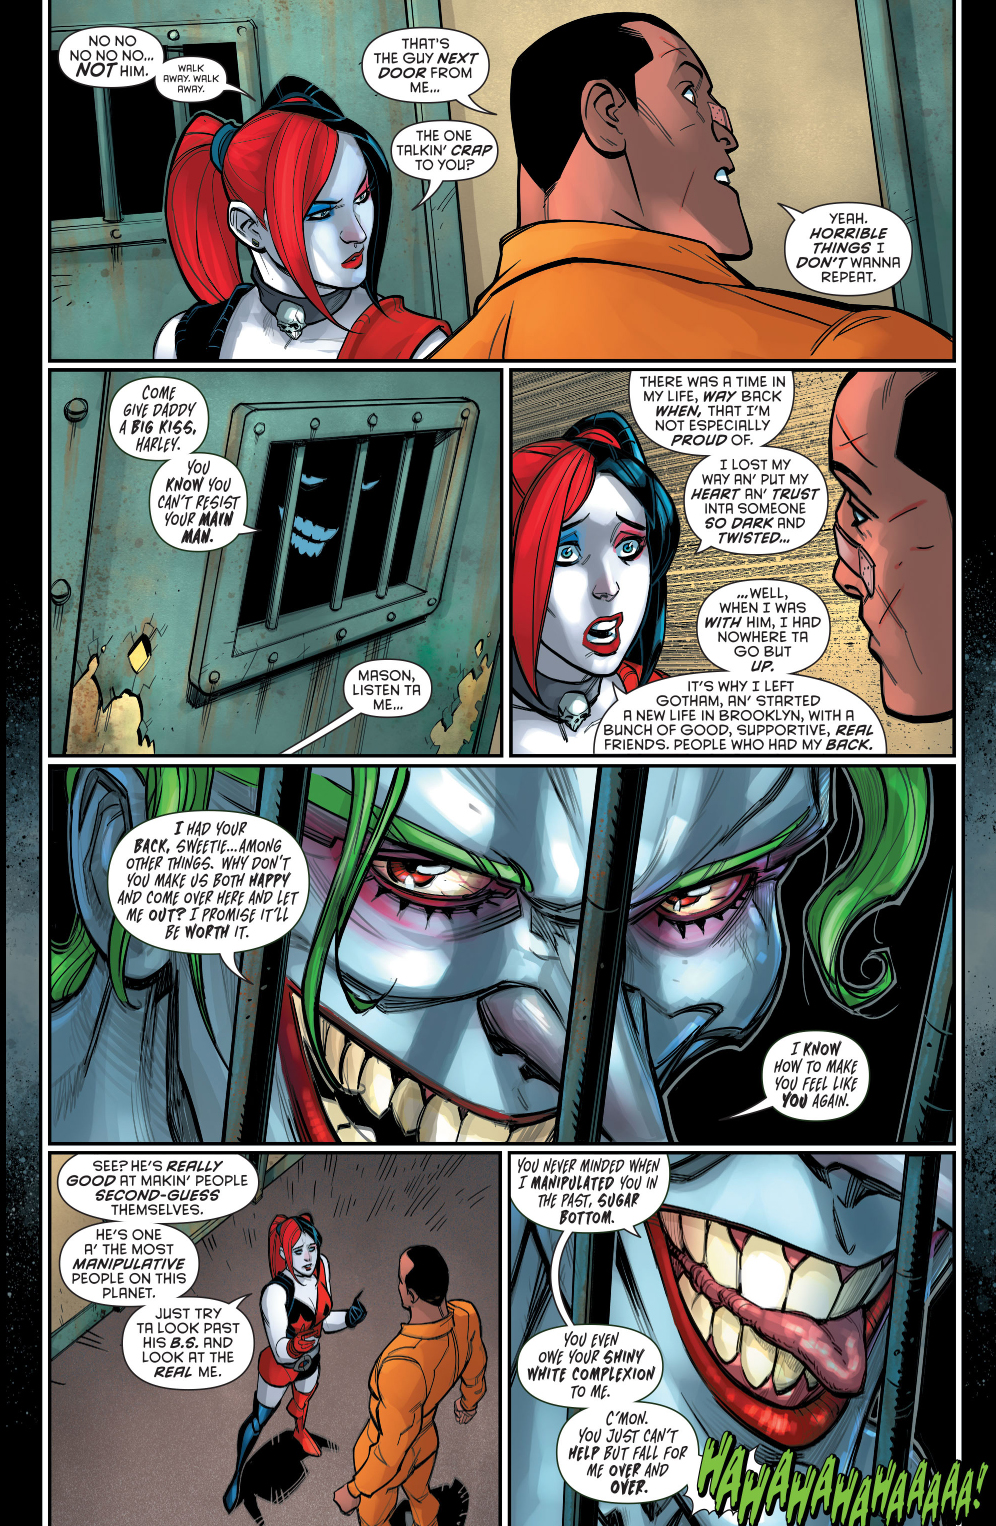 the joker taunting harley quinn